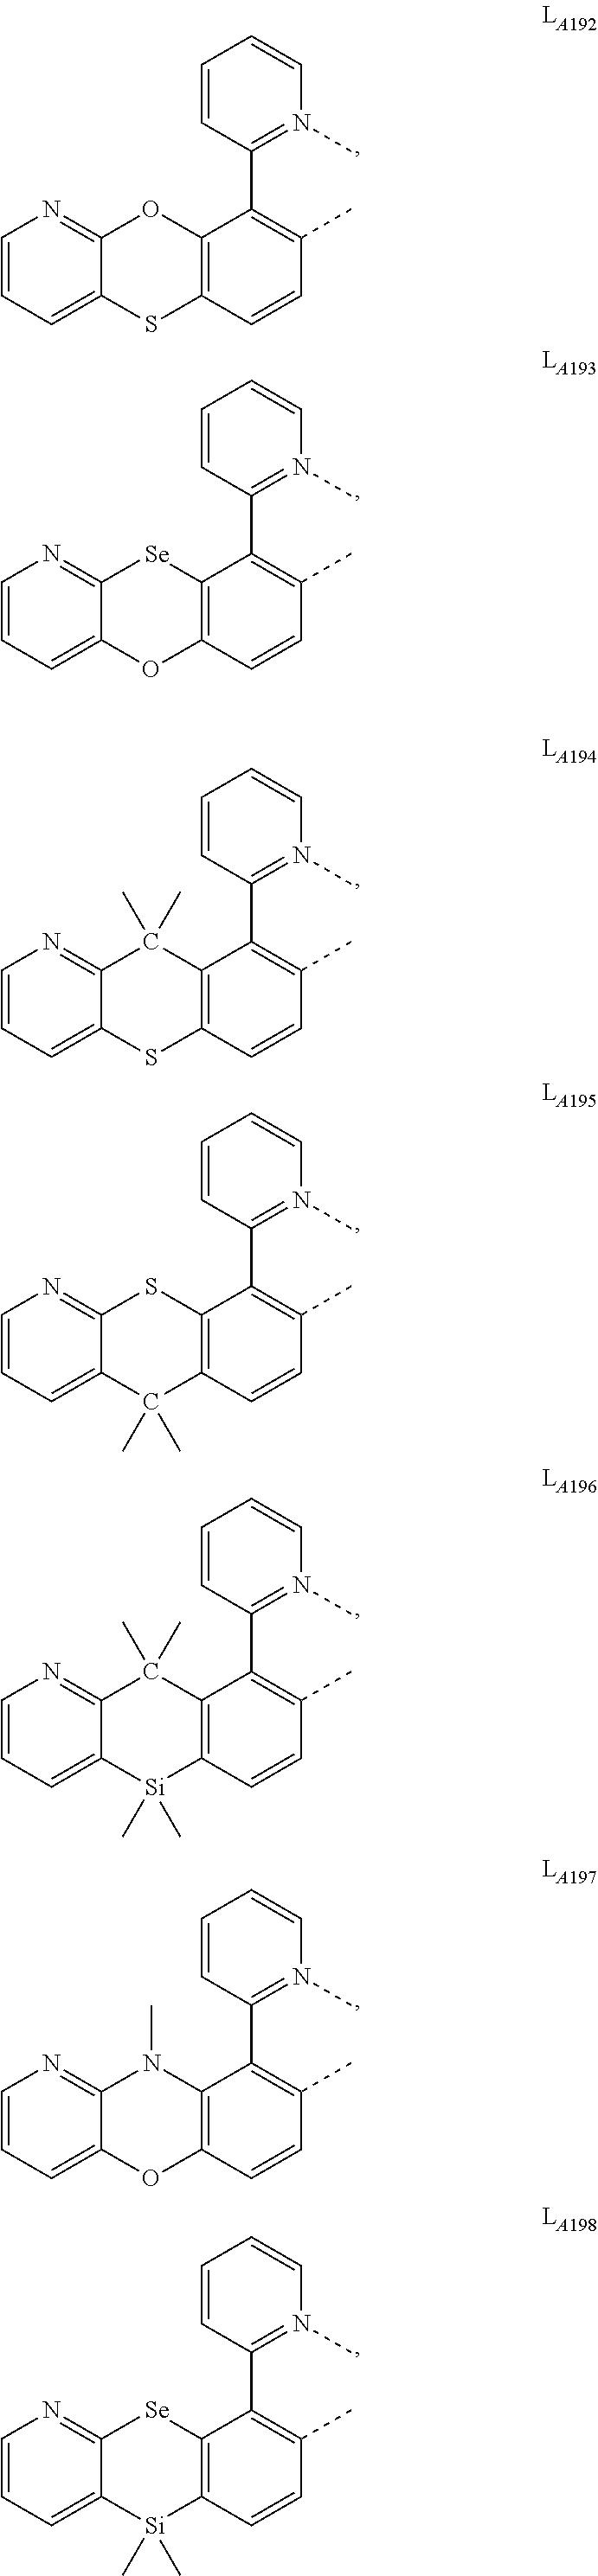 Figure US10153443-20181211-C00036